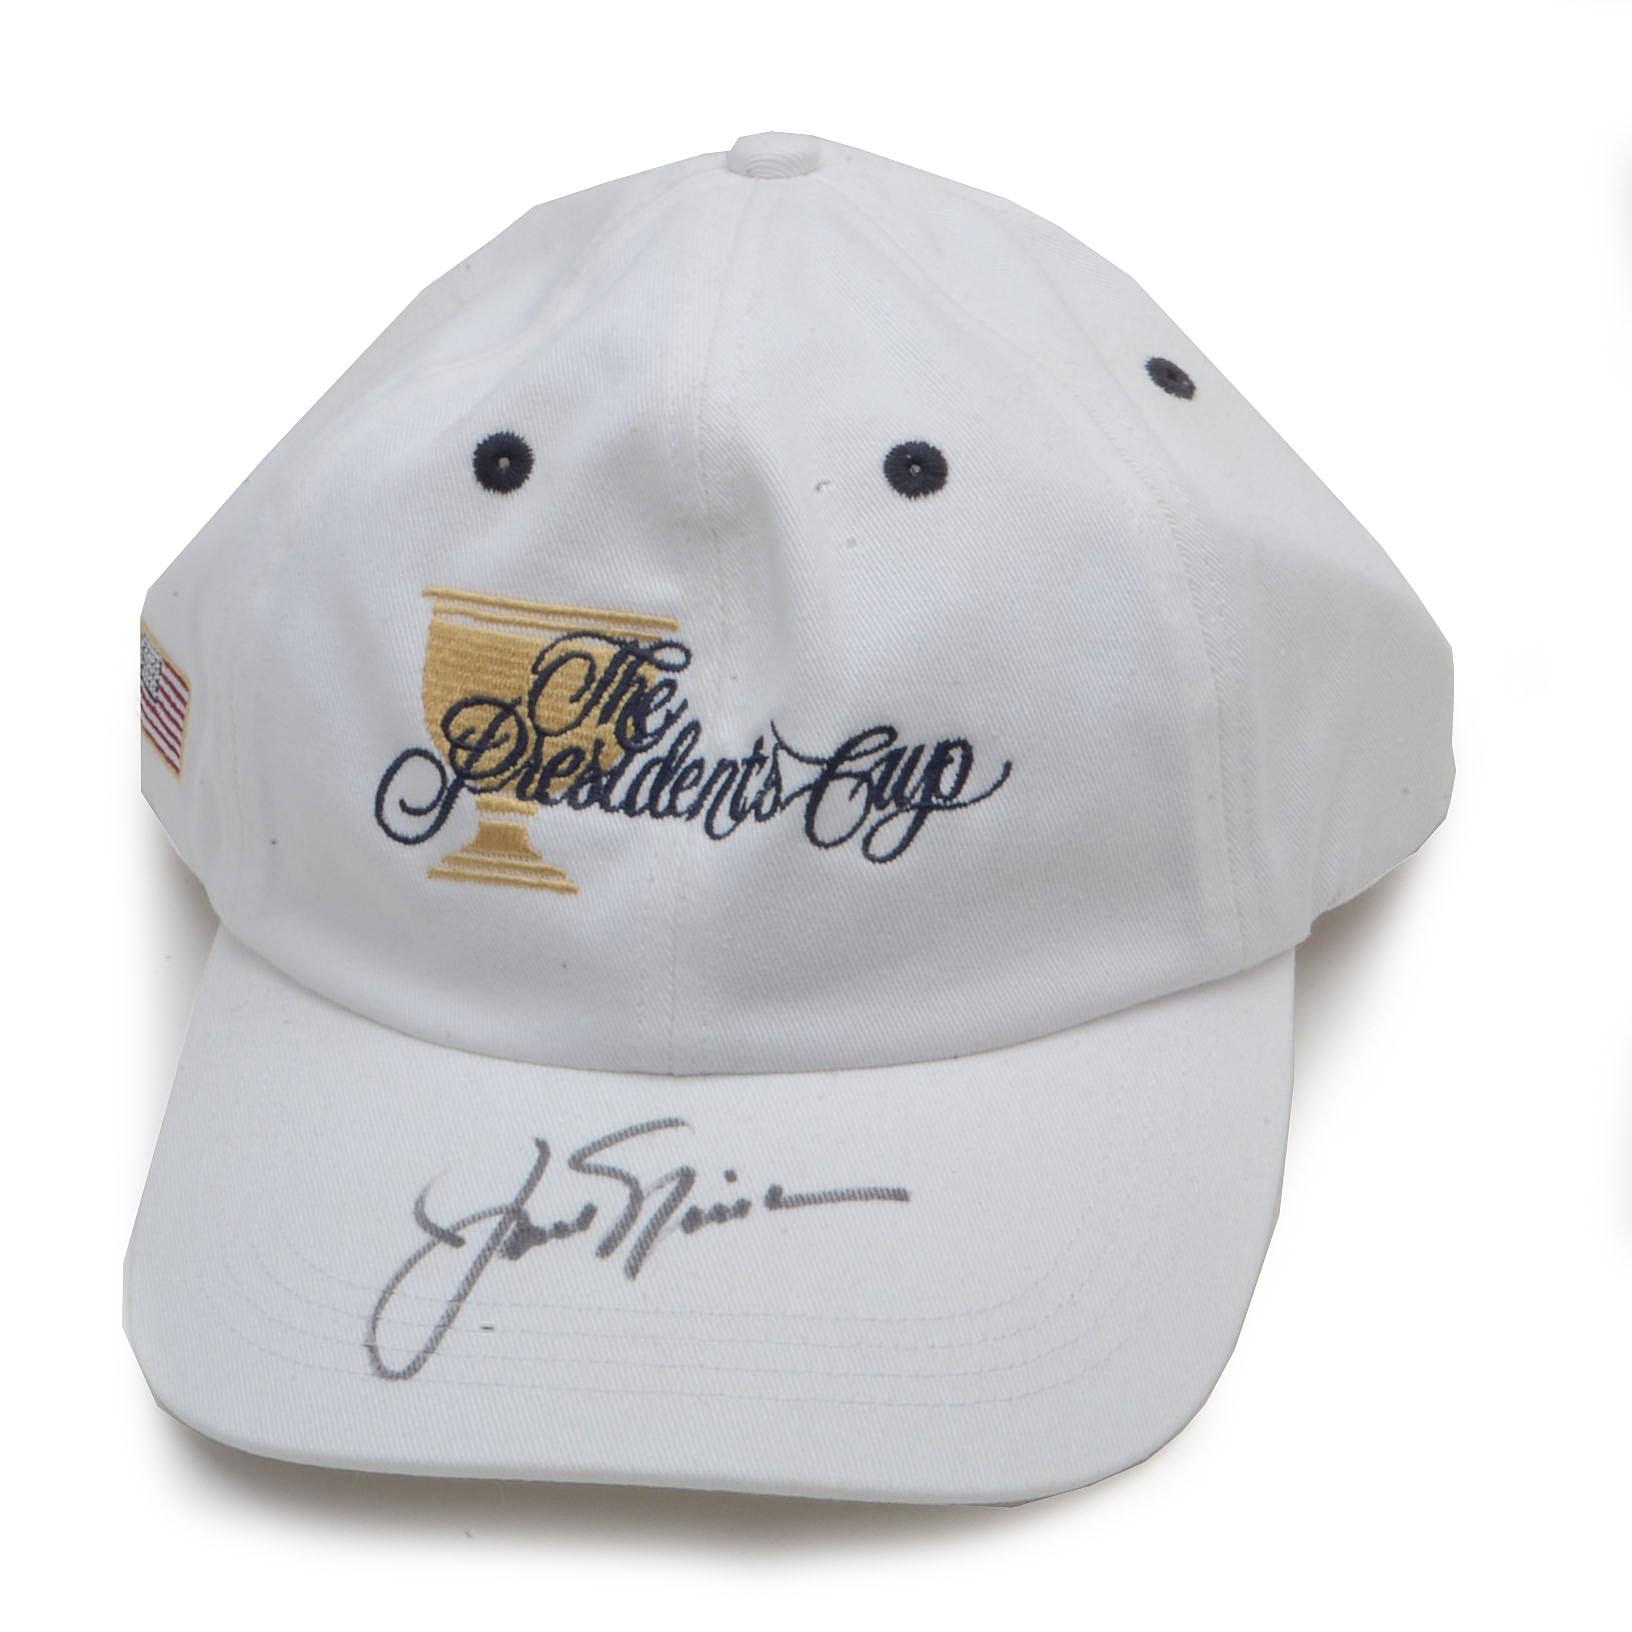 Jack Nicklaus Signed Golf Hat  COA